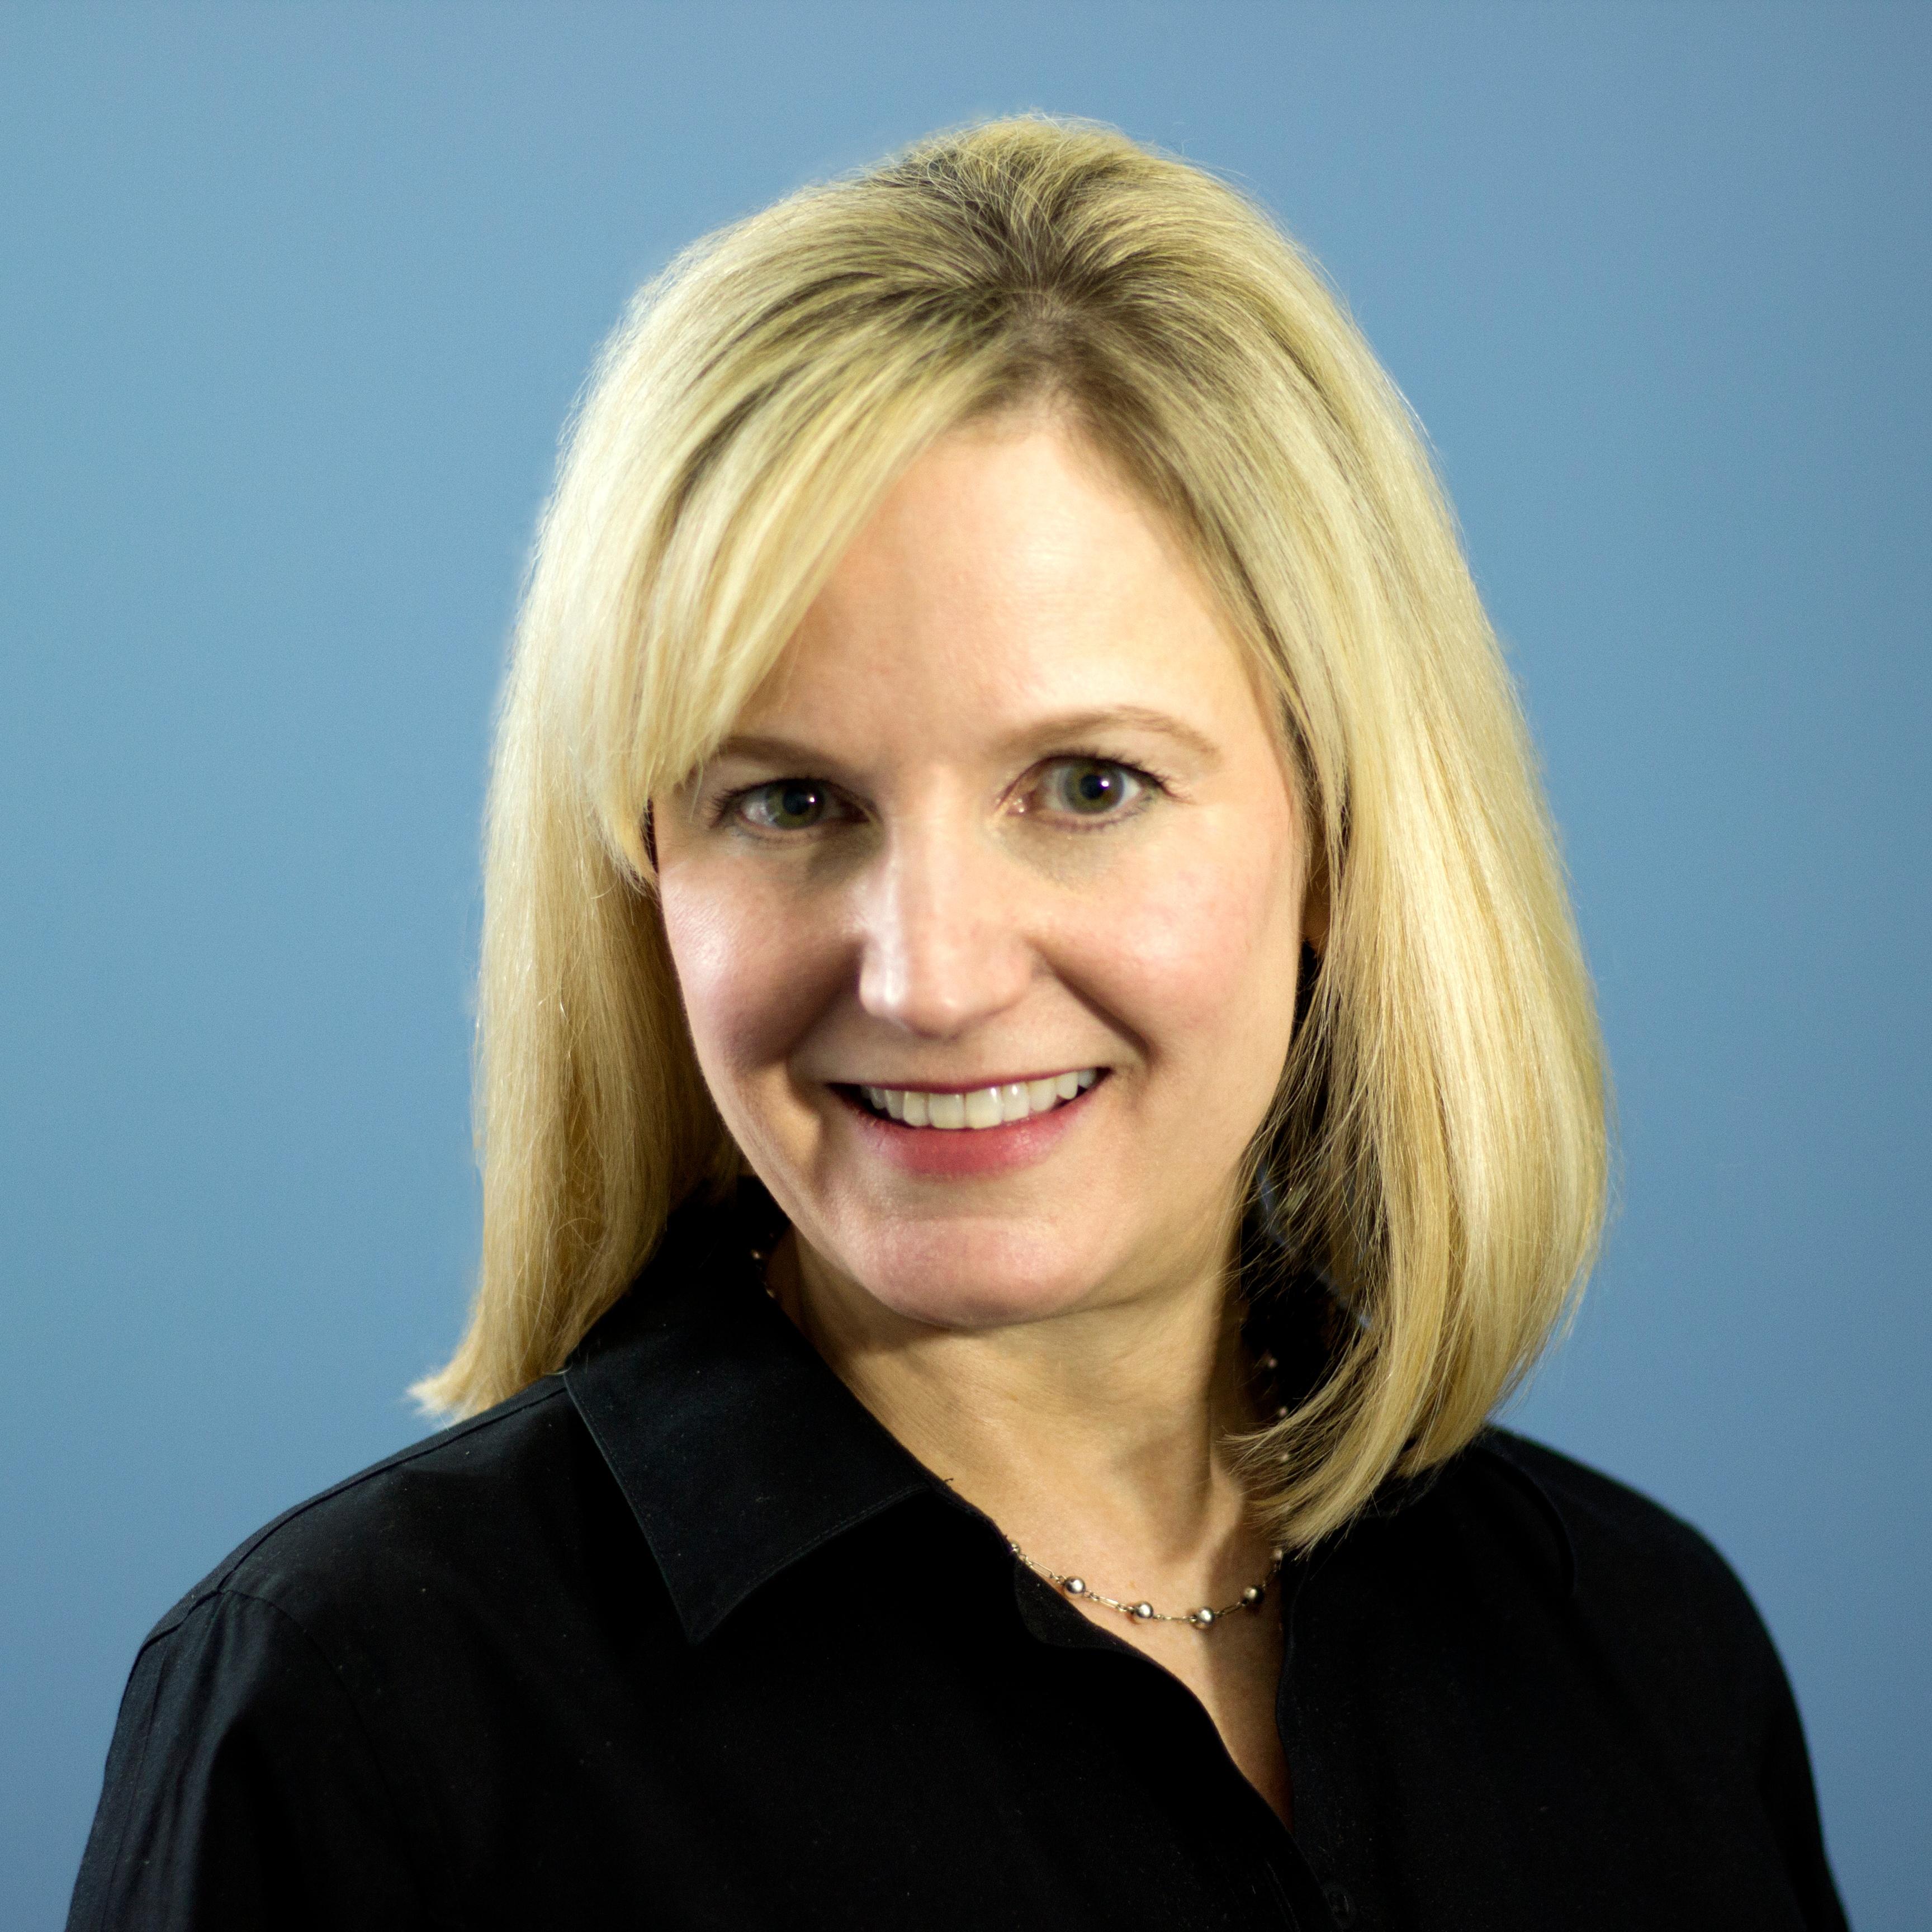 Jill Ulvestad